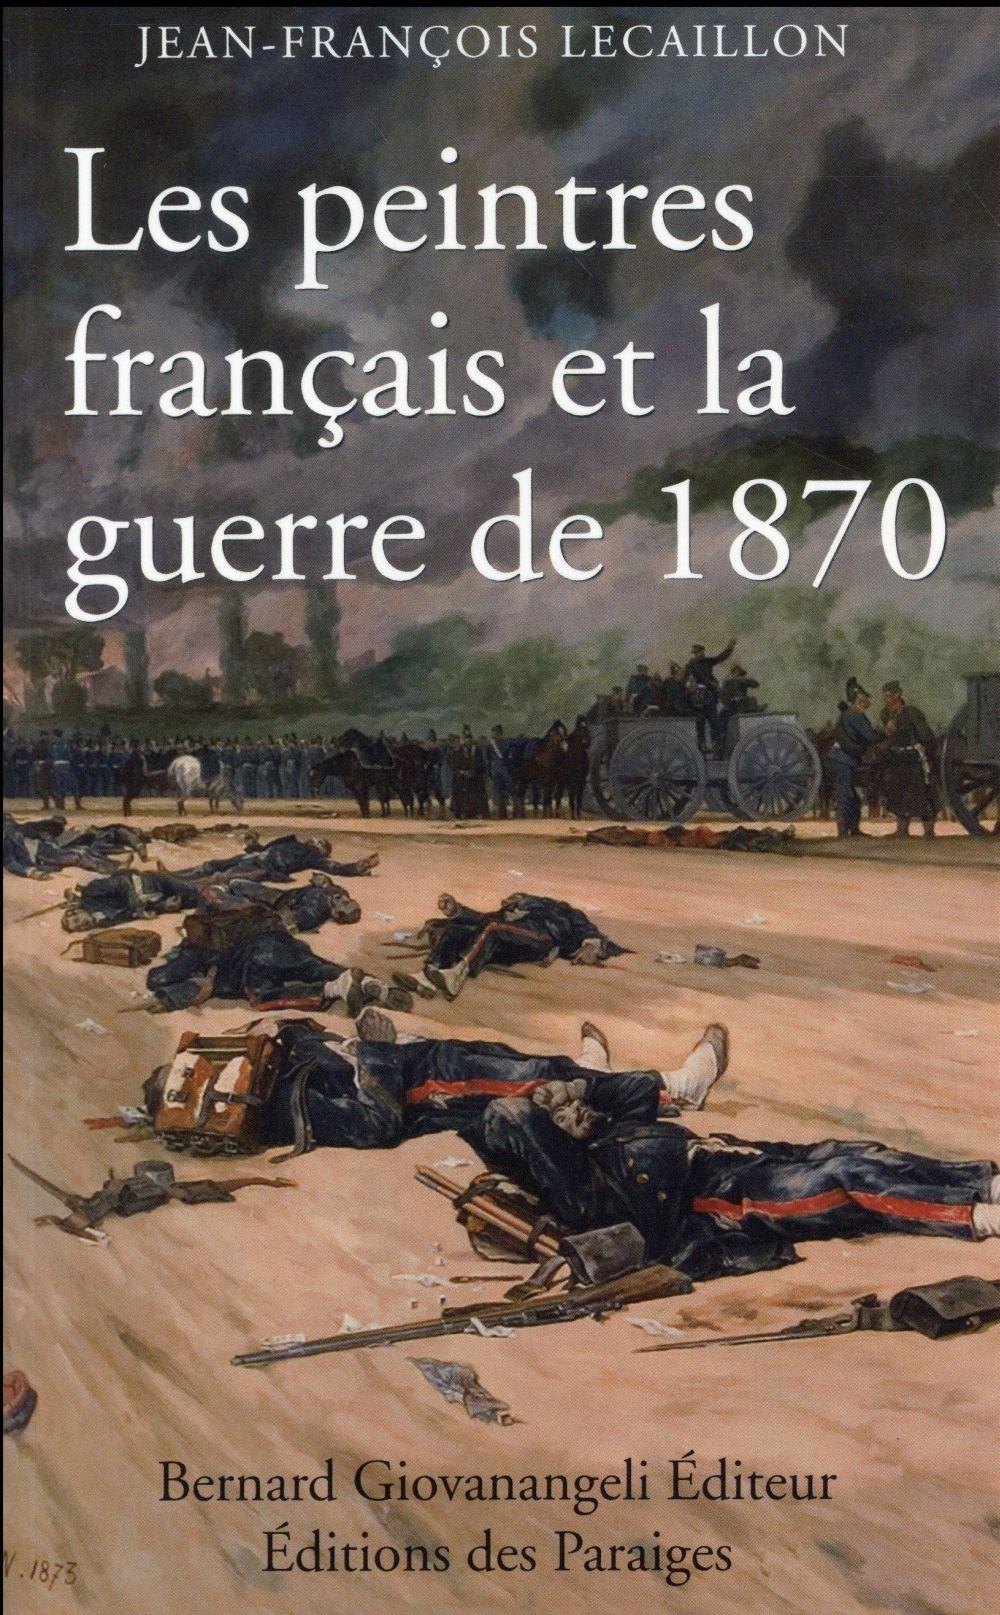 Les peintres français et la guerre de 1870